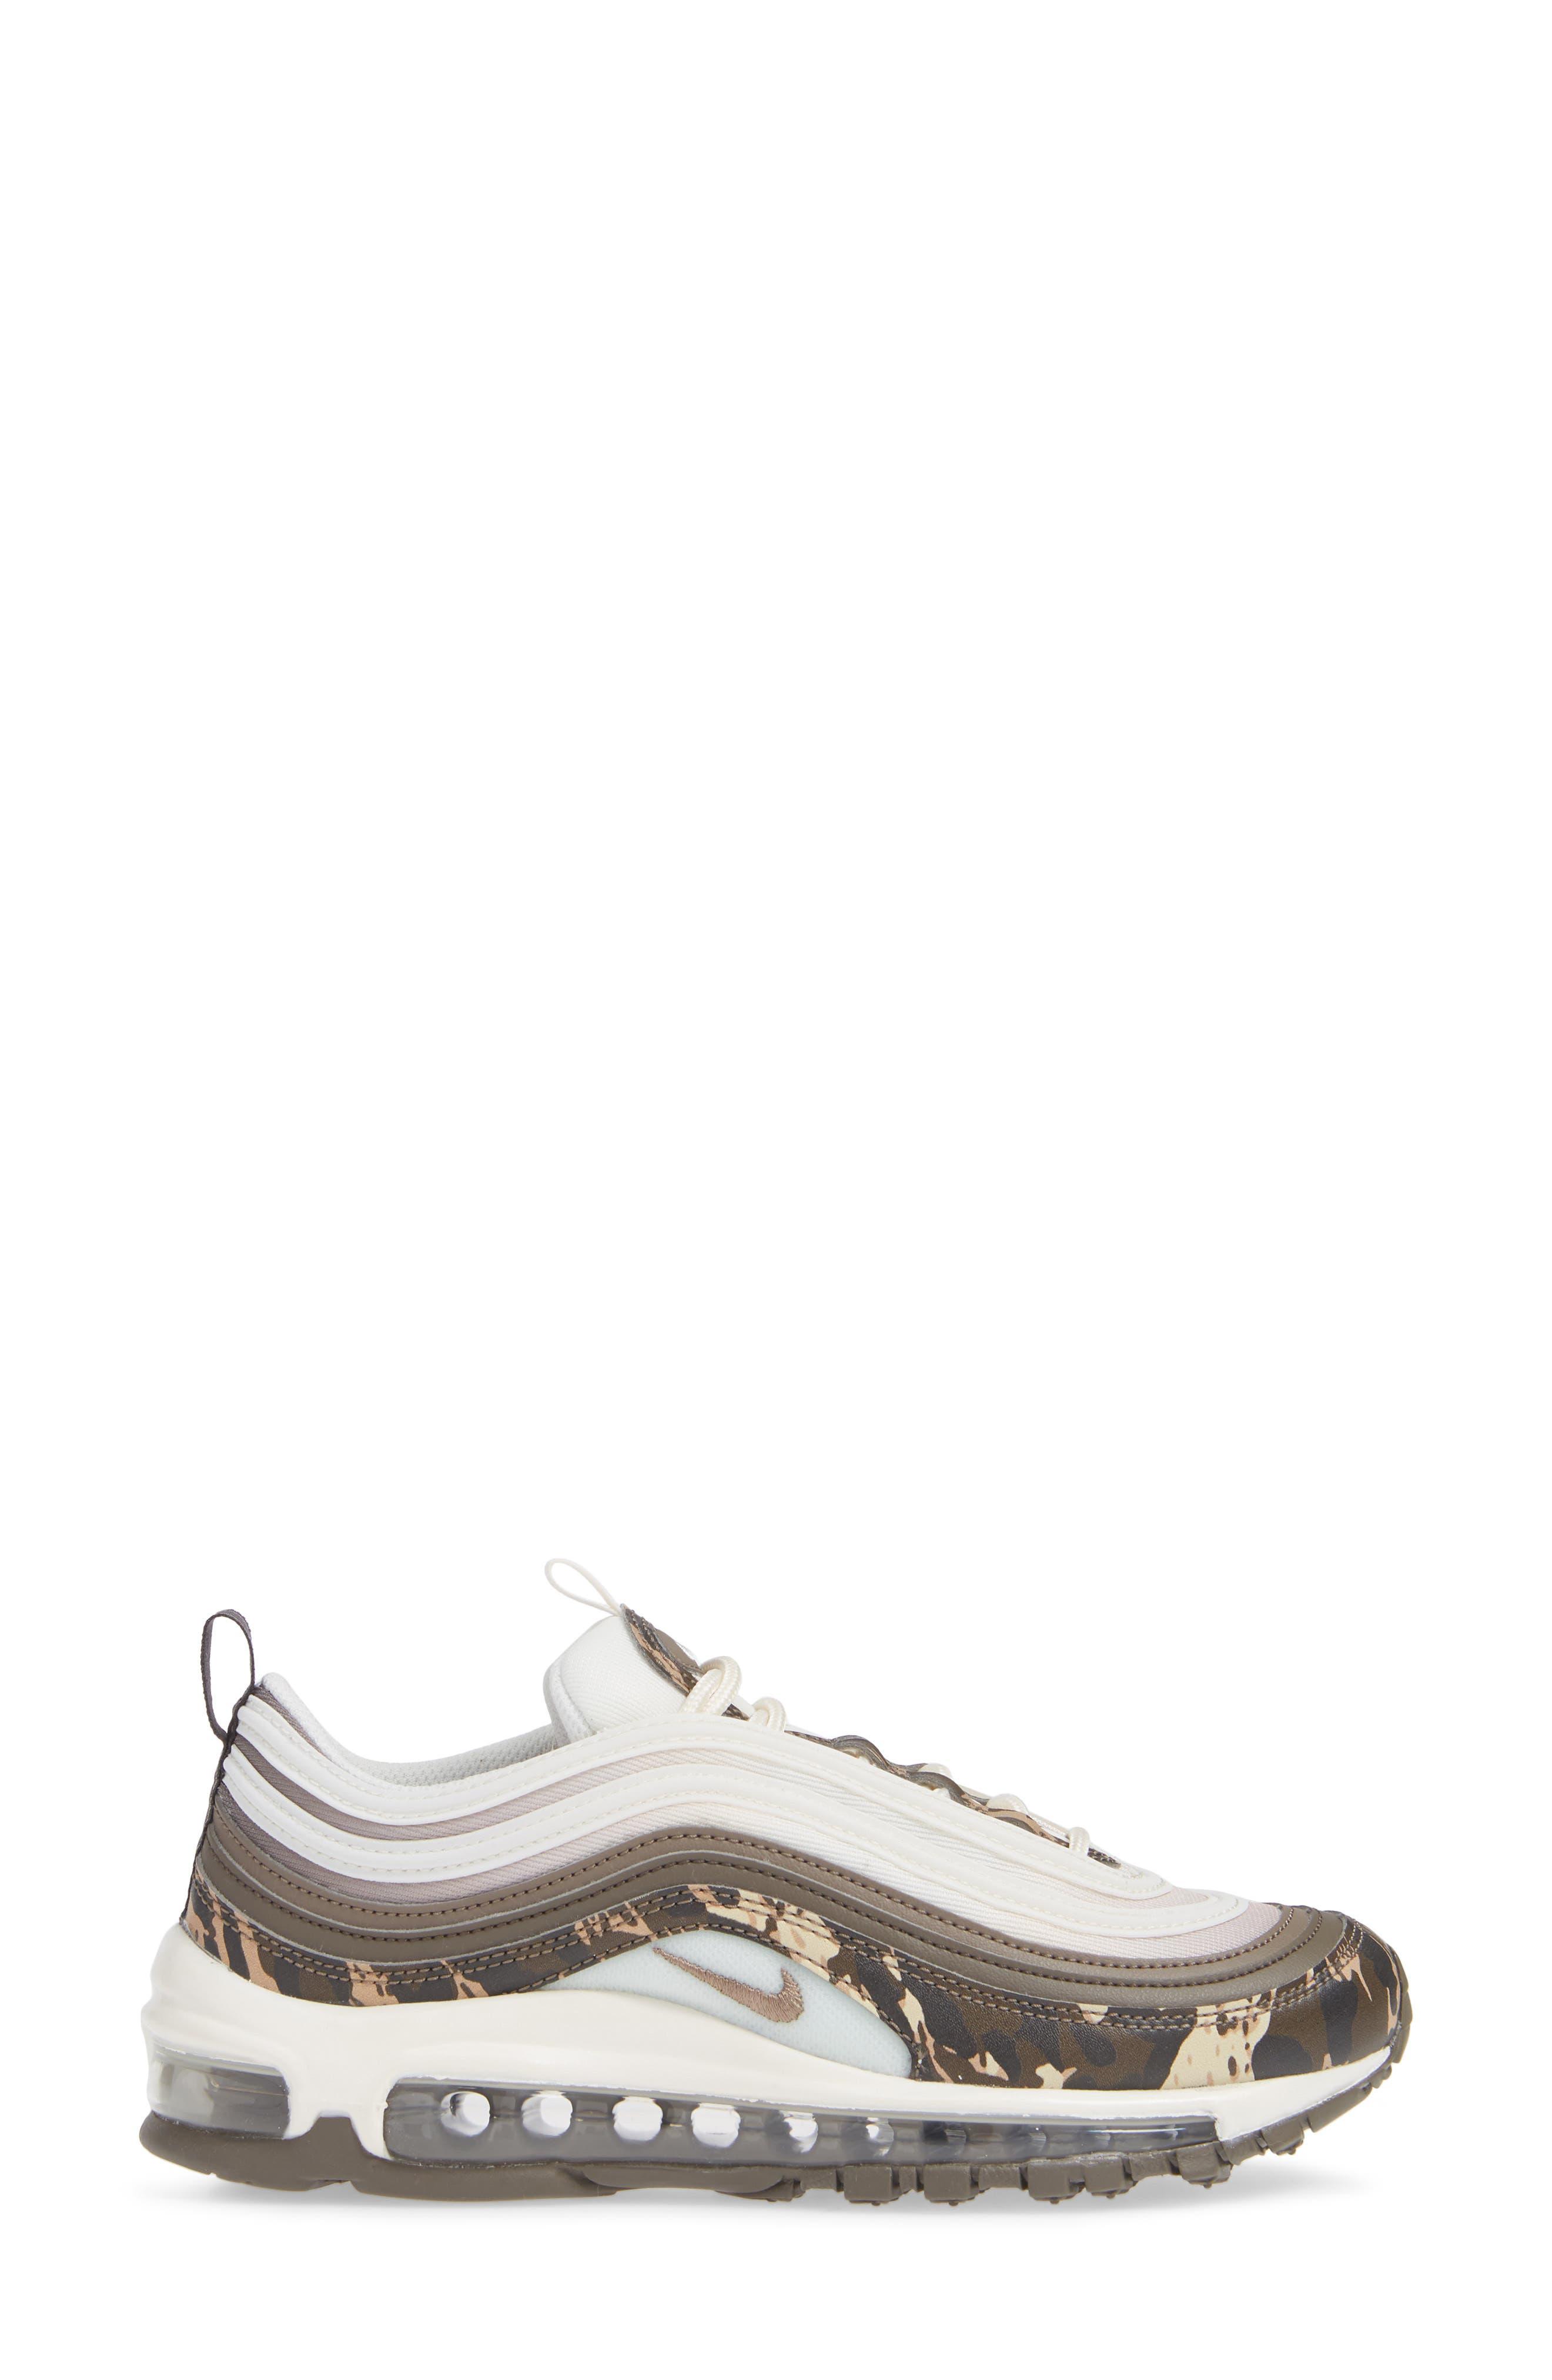 Air Max 97 Premium Sneaker,                             Alternate thumbnail 3, color,                             BROWN/ PHANTOM